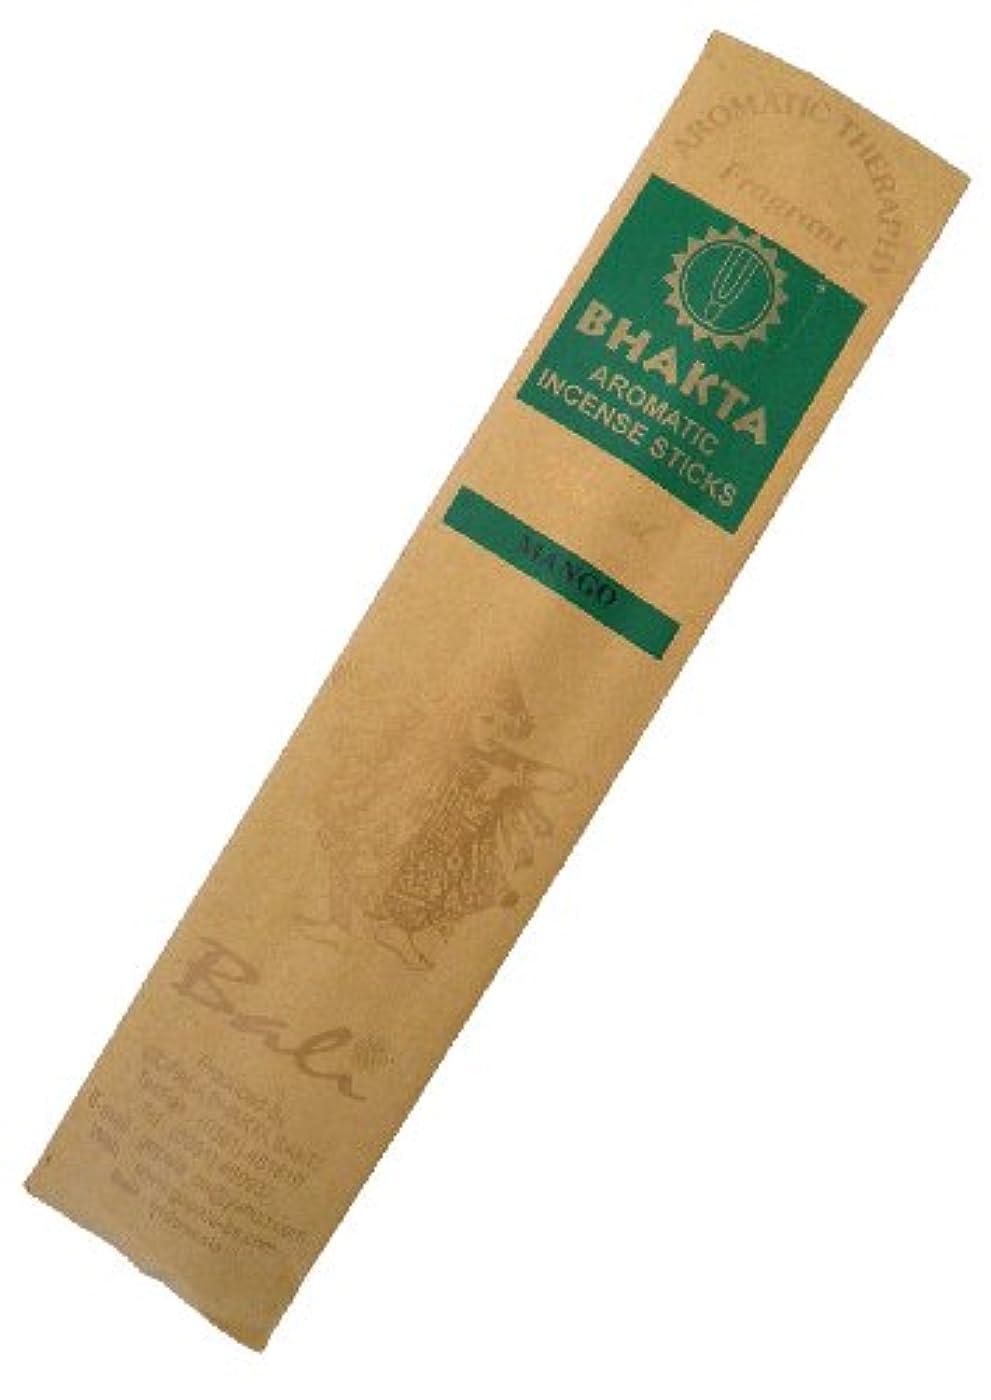 消費する嘆くバリーお香 BHAKTA ナチュラル スティック 香(マンゴー)ロングタイプ インセンス[アロマセラピー 癒し リラックス 雰囲気作り]インドネシア?バリ島のお香